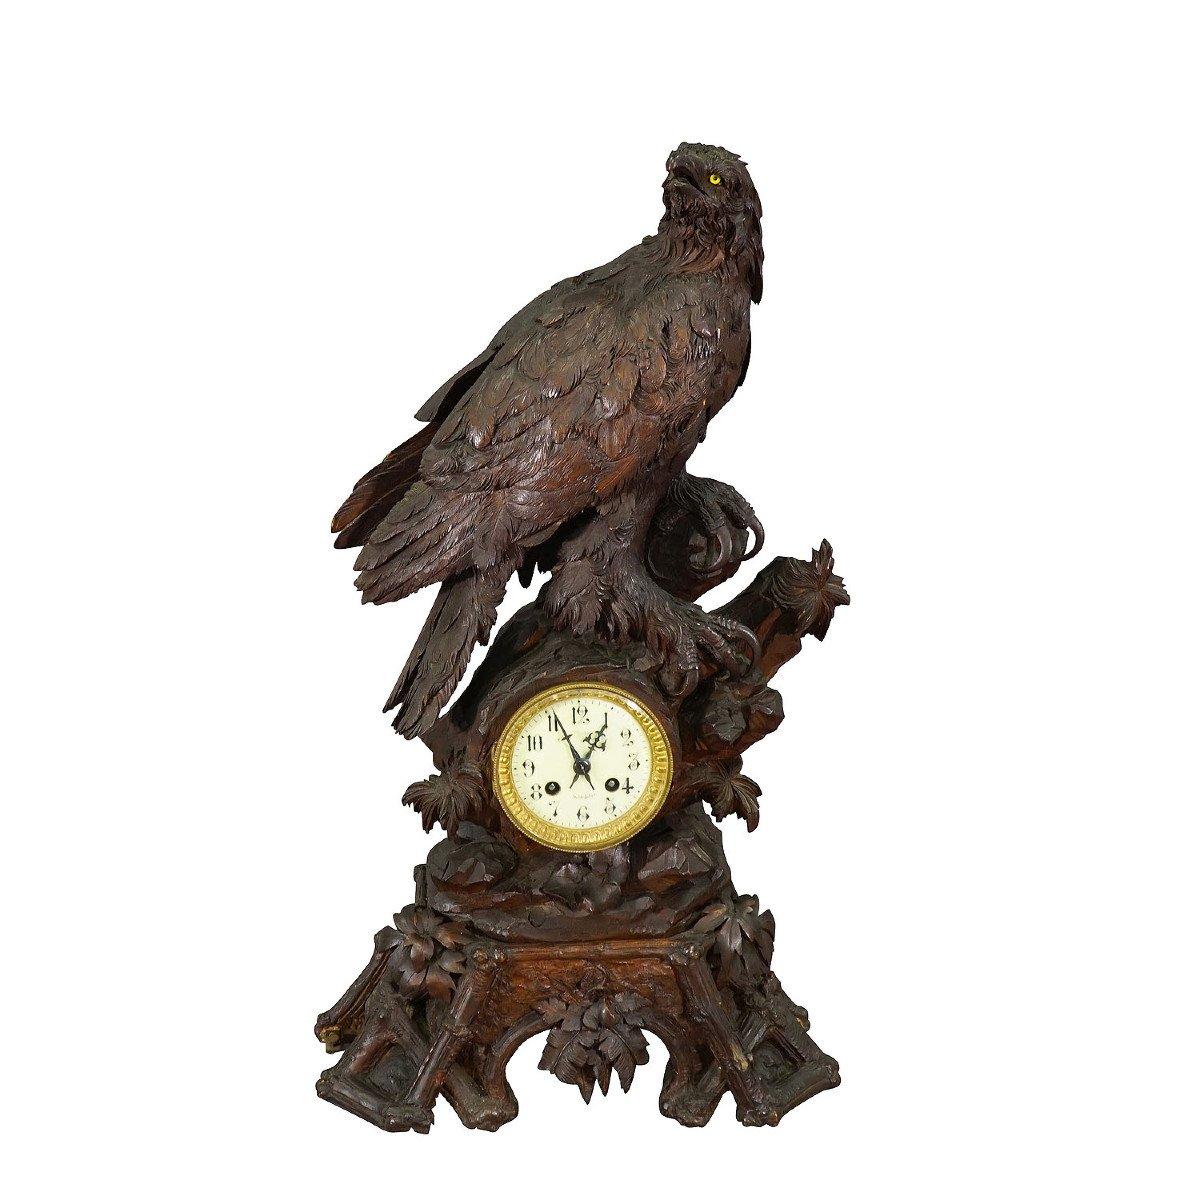 Ancienne Horloge De Cheminée En Bois Avec Aigle, Suisse 1900